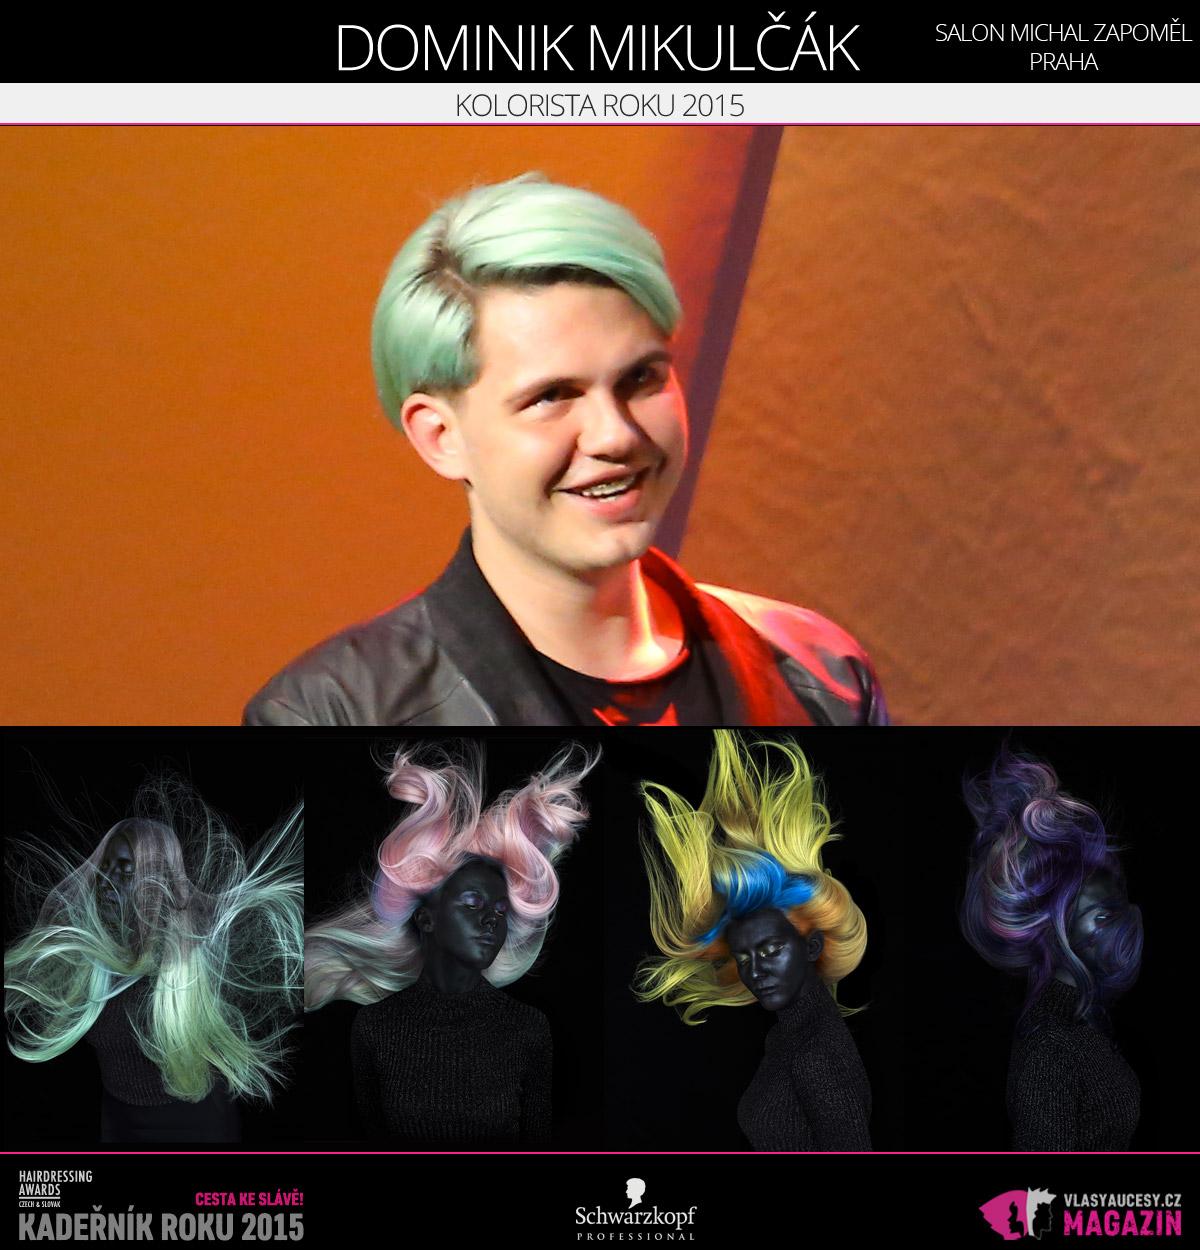 Vítězem v kategorii Kolorista roku Czech and Slovak Hairdressing Awards 2015 je Dominik Mikulčák ze Salonu Michal Zapoměl v Praze.